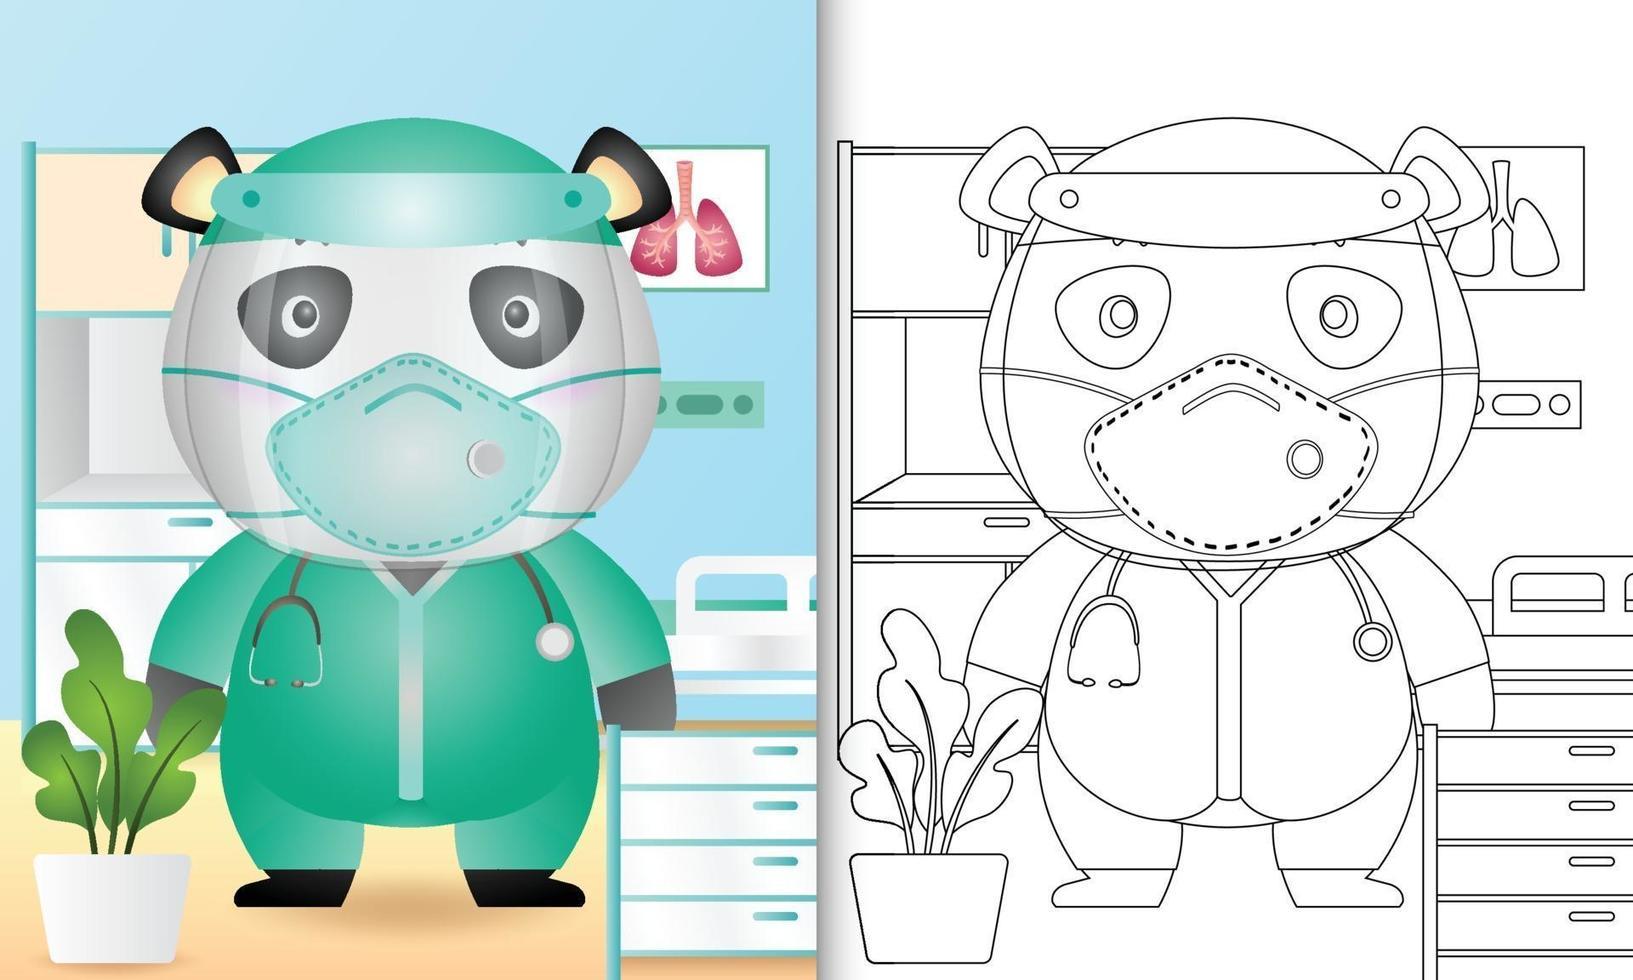 kleurboek voor kinderen met een schattige pandakarakterillustratie vector